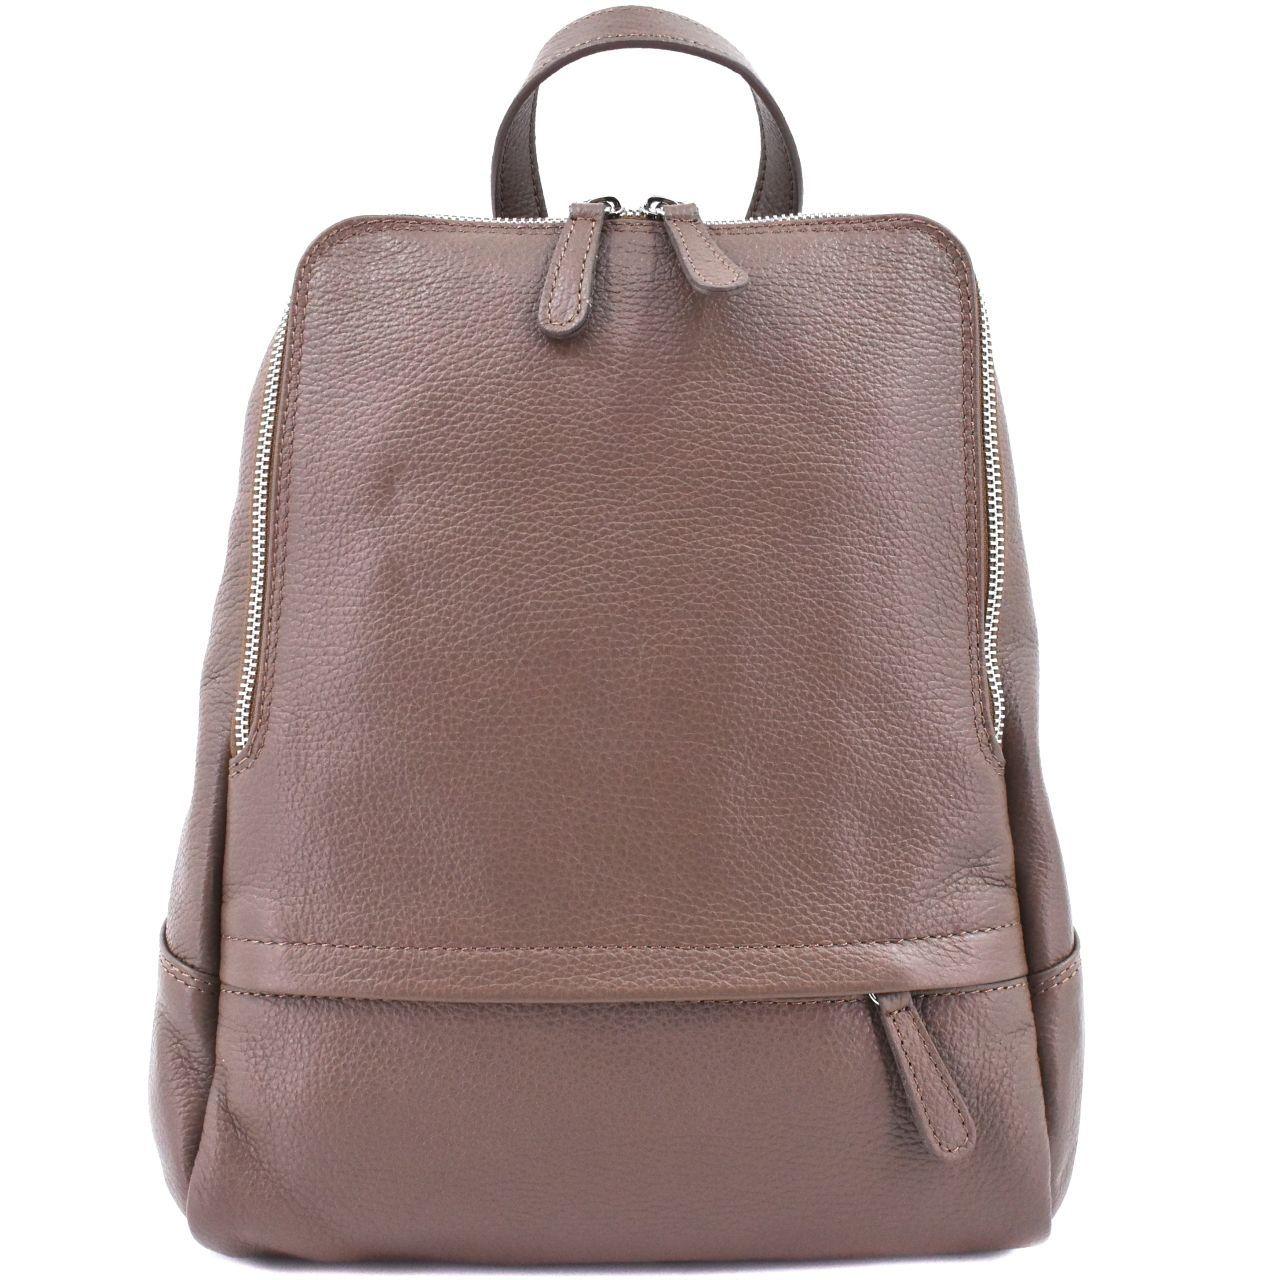 Dámský kožený batoh Arteddy - hnědá 36931